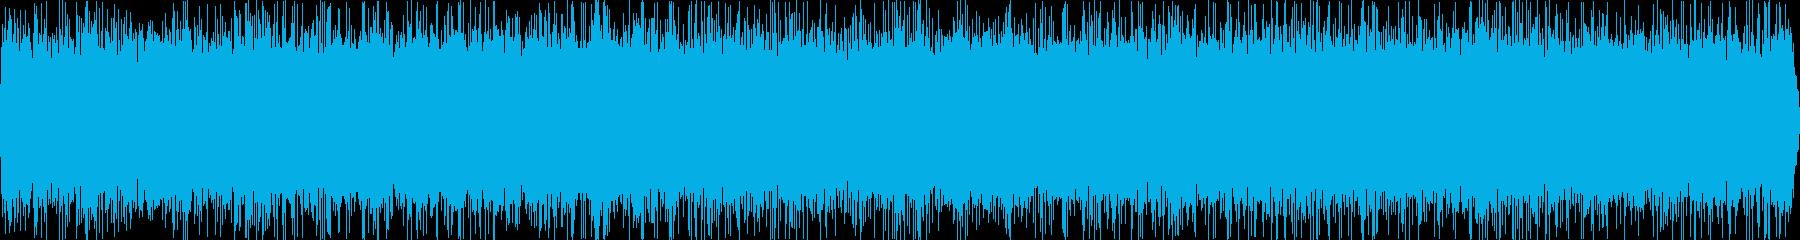 湧き水がどんどん湧き出てくる音の再生済みの波形